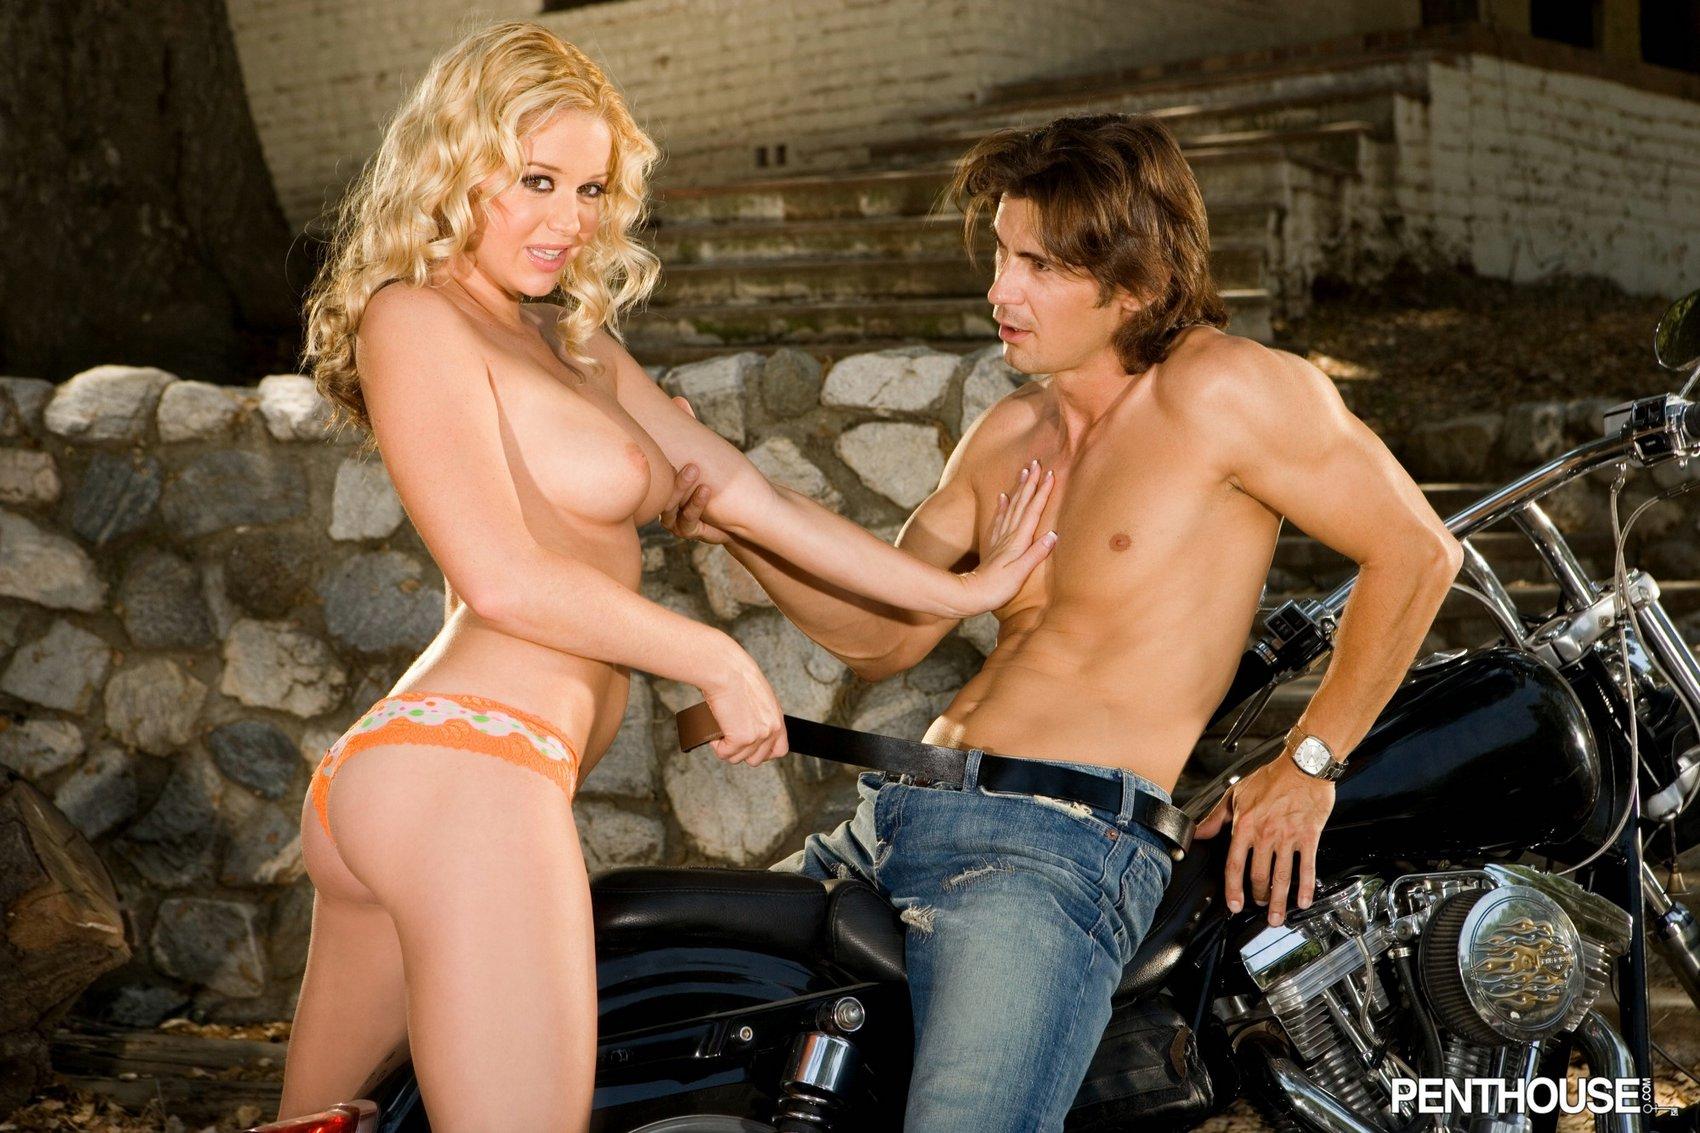 Pornstar Holly Morgan Complete holly morgan getting fucked on motorcycle - my pornstar book